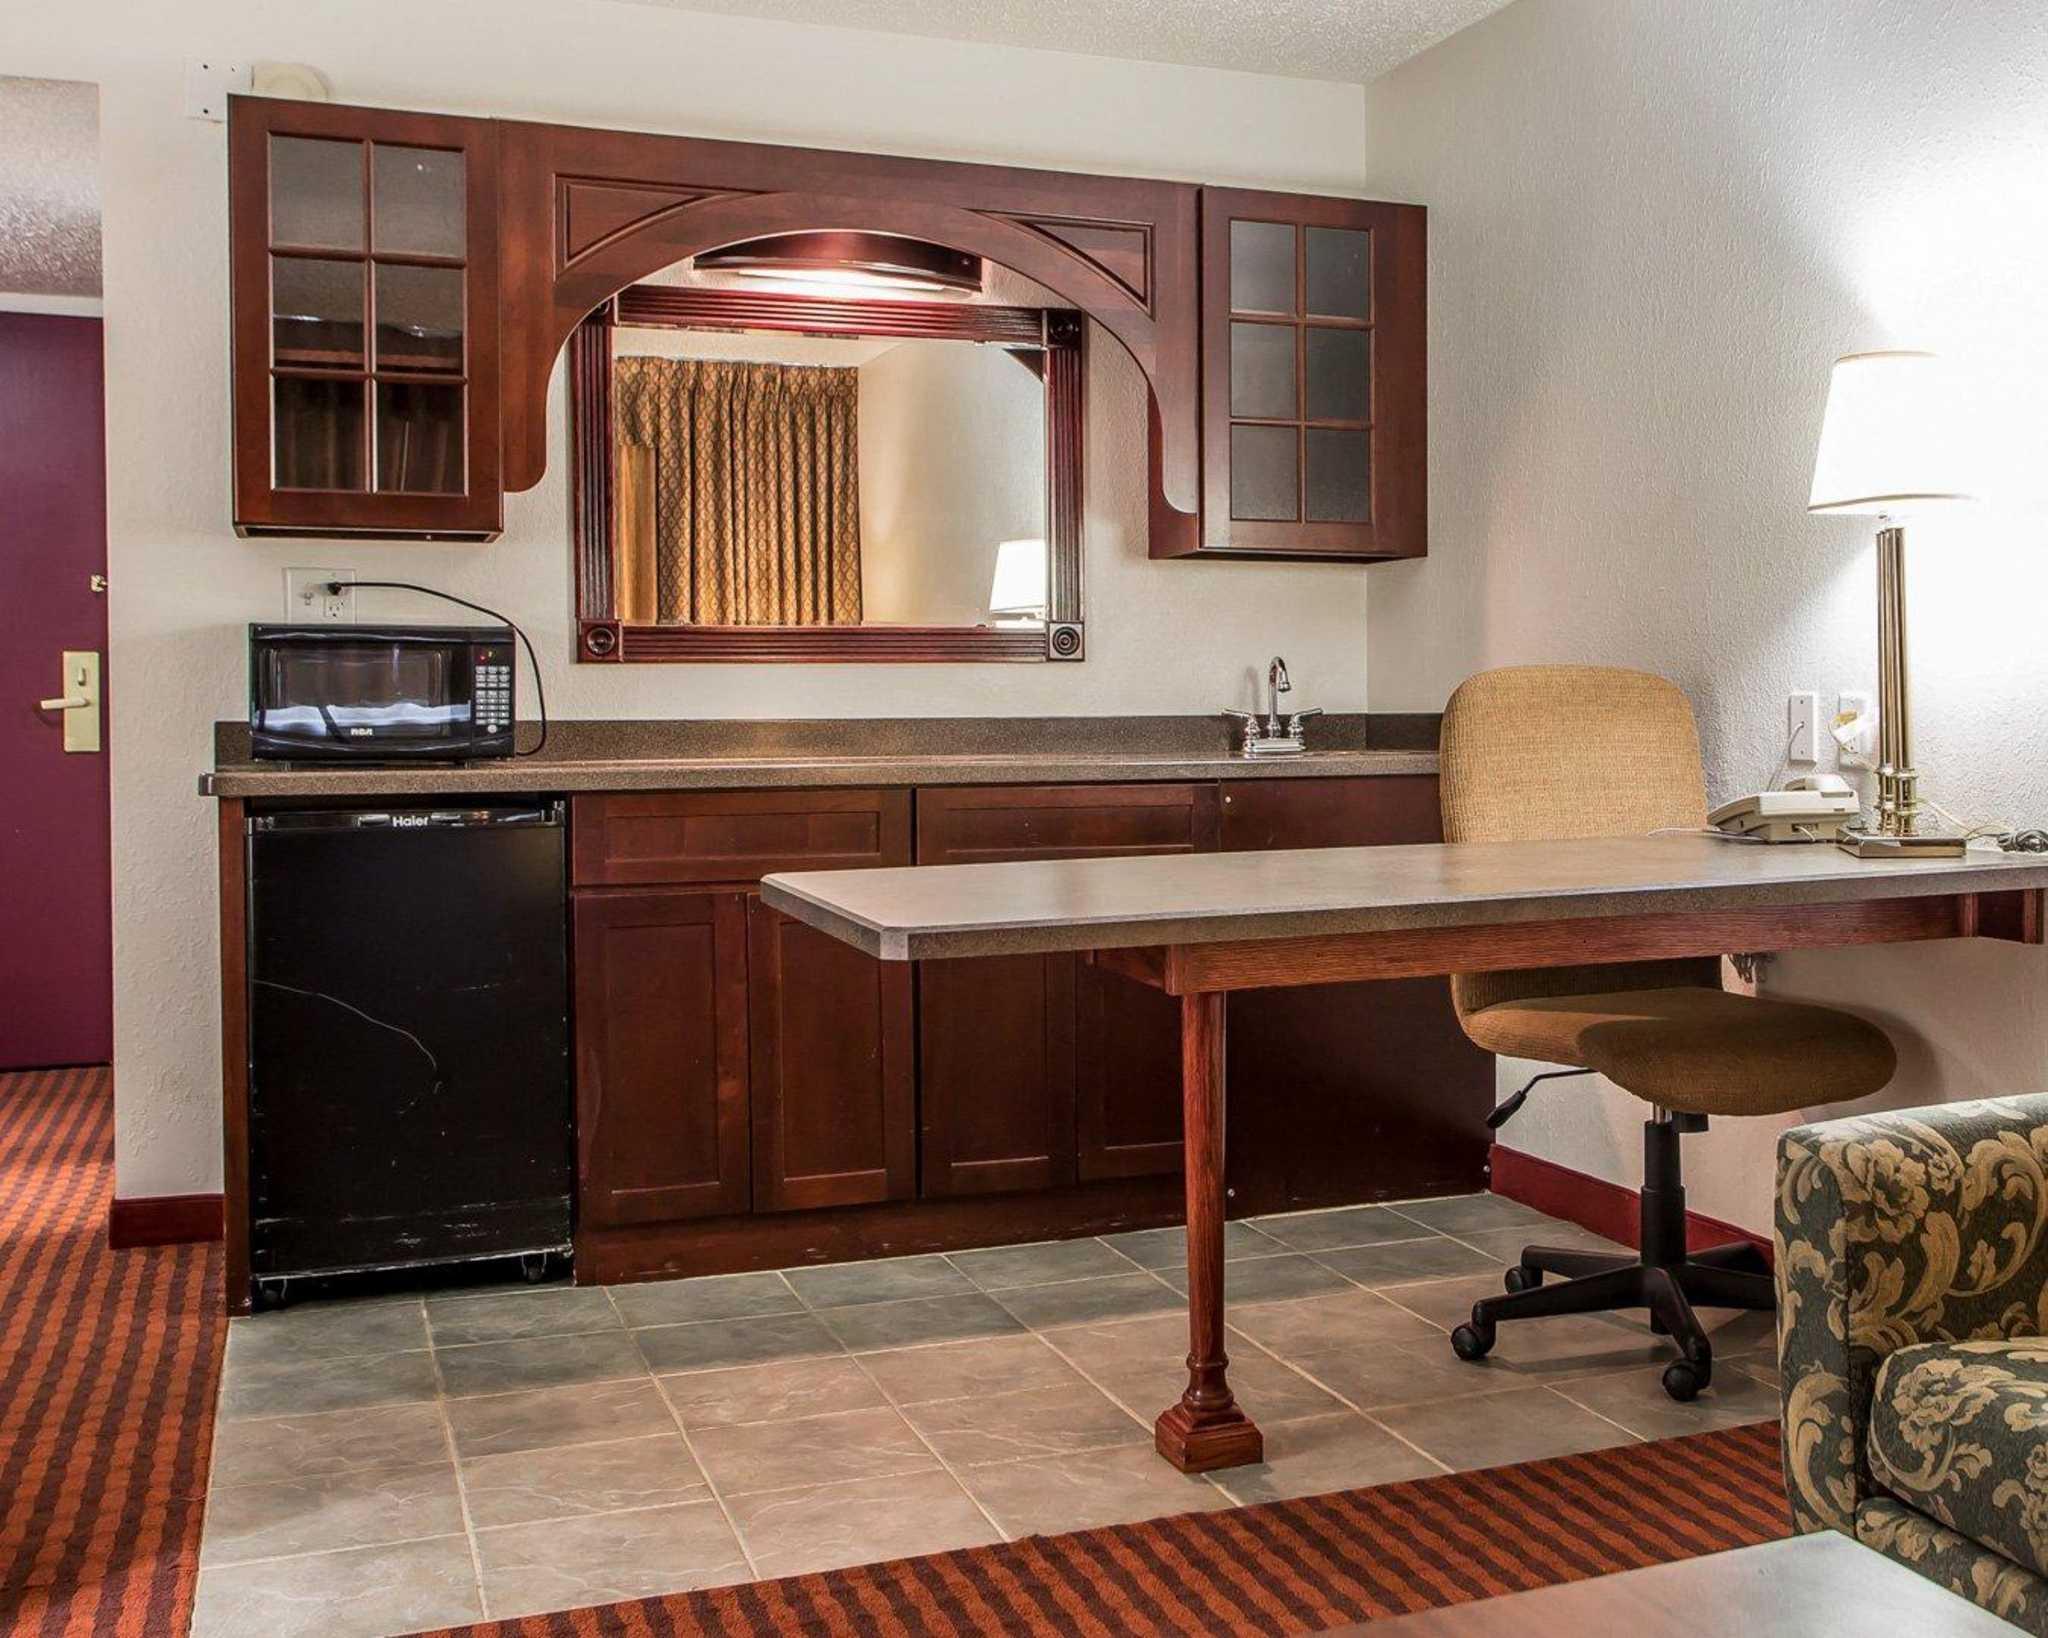 Clarion Hotel Highlander Conference Center image 32